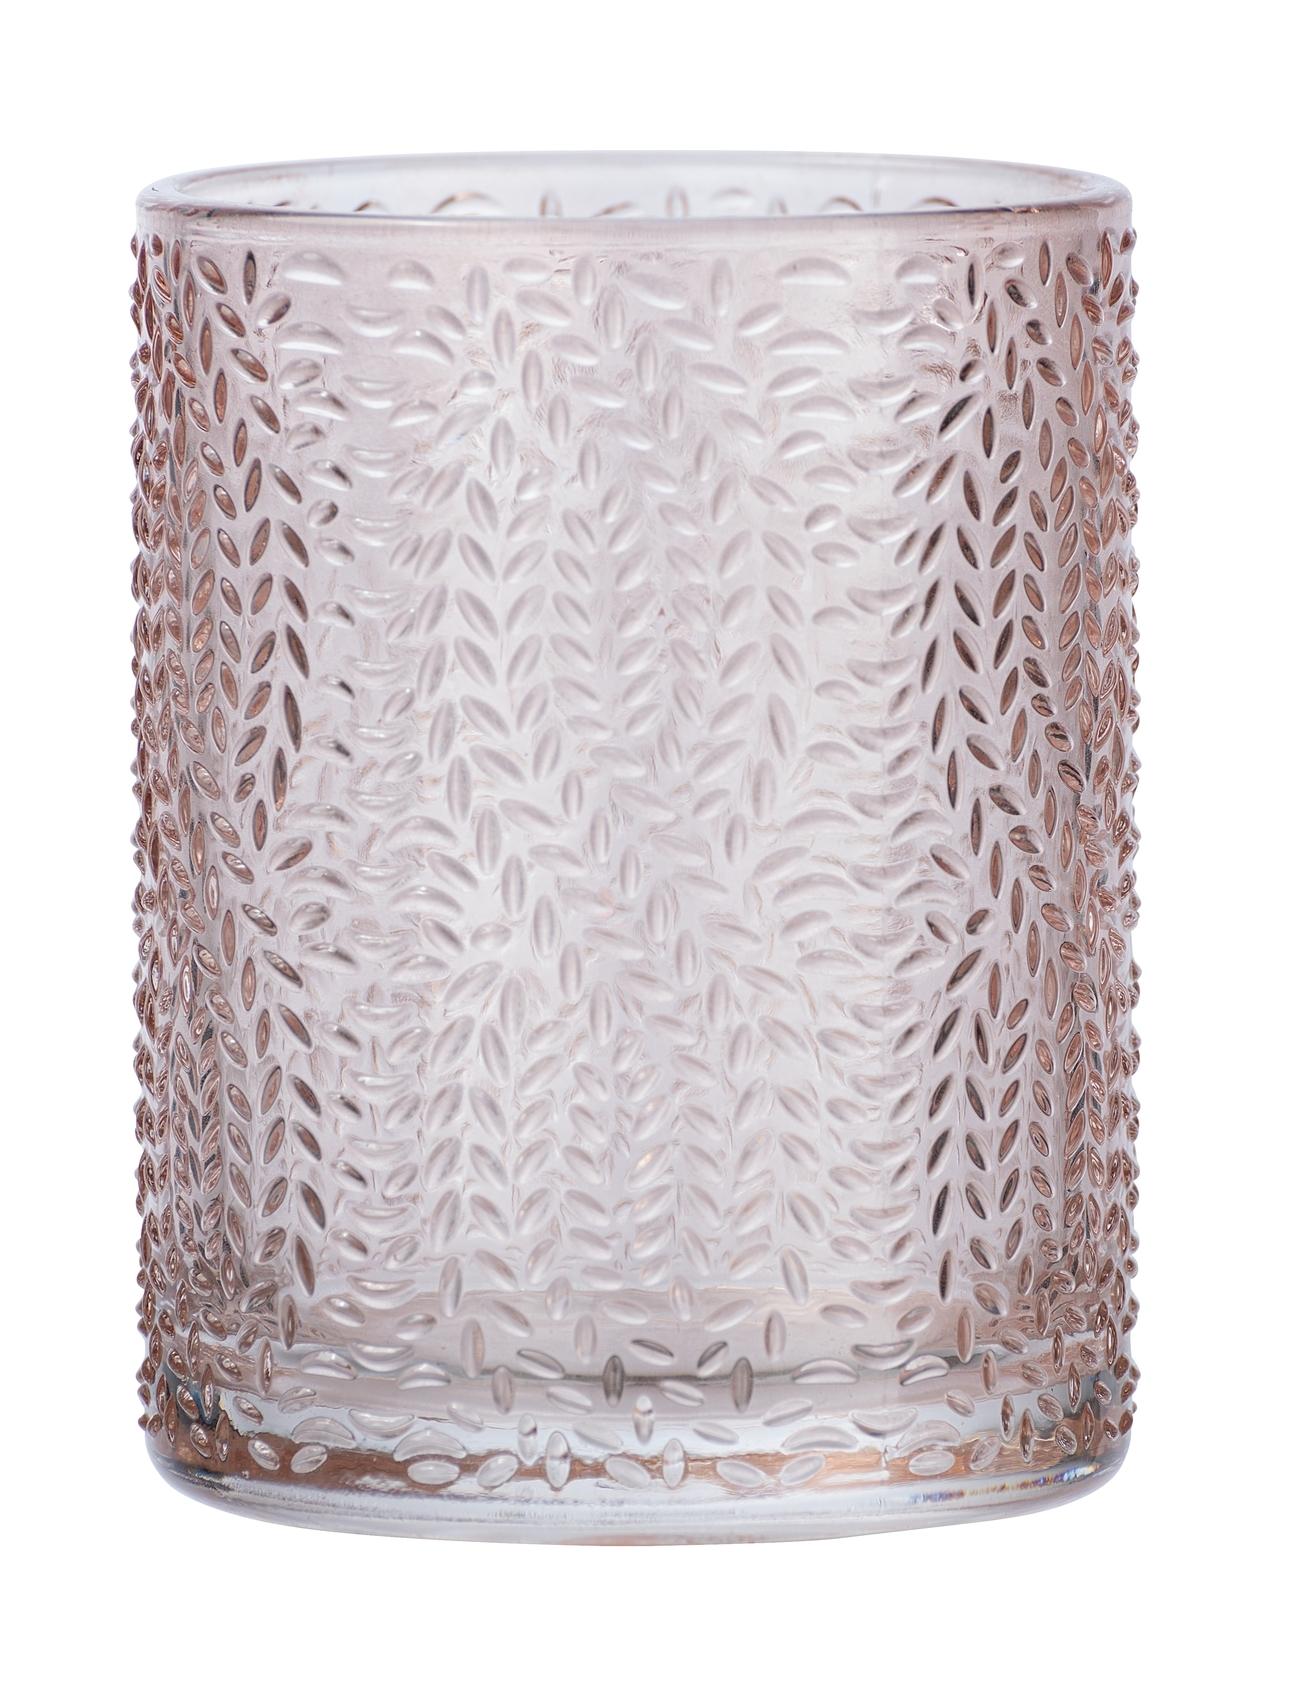 Pahar pentru periuta de dinti, din sticla, Vetro Rose, Ø7,5xH10 cm imagine